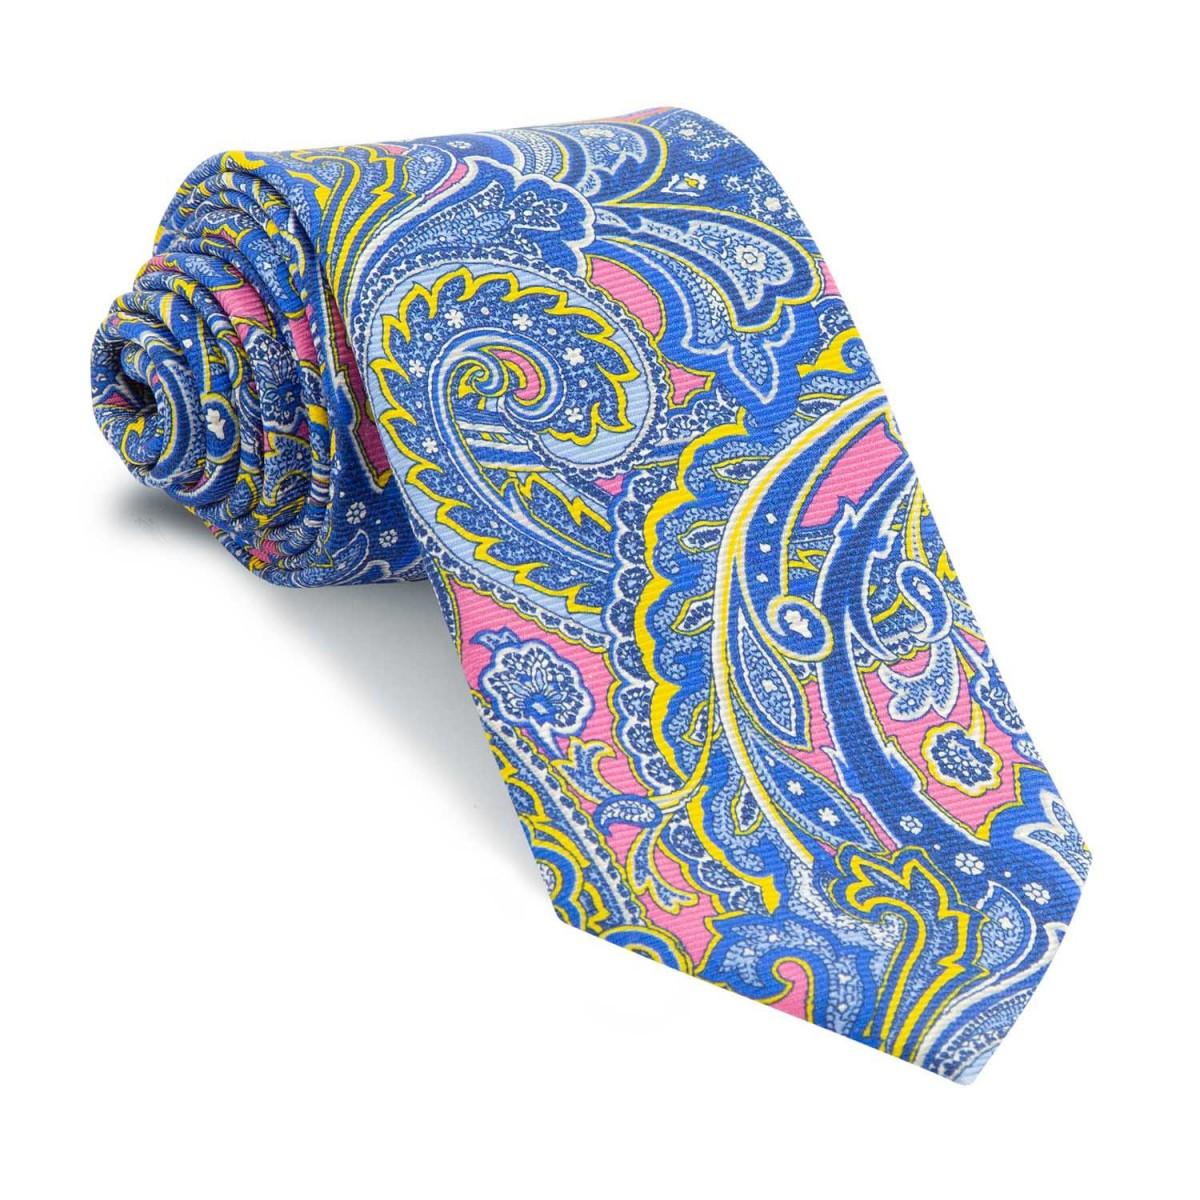 Corbata-Rosa-Cachemires-Azules-y-Amarillos